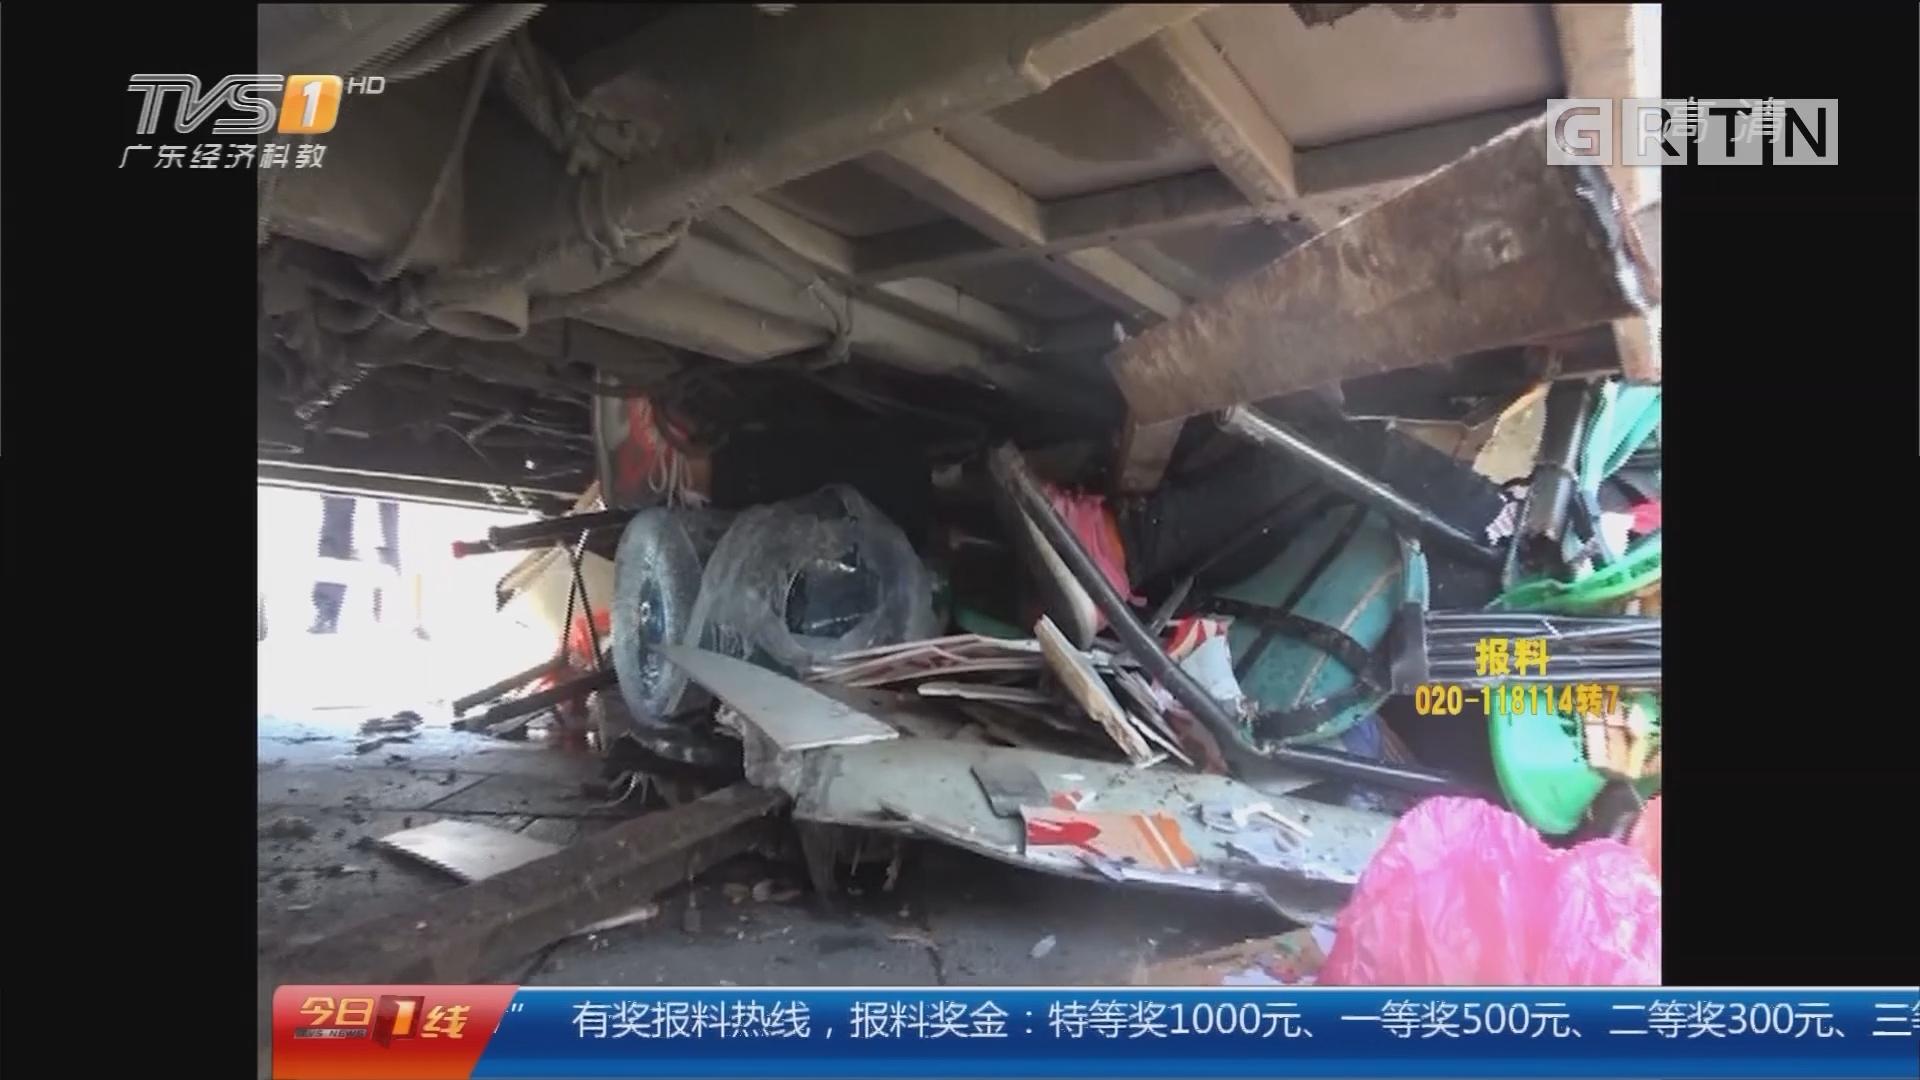 广州警方通报:广州火车站外 公交连撞4车伤3人